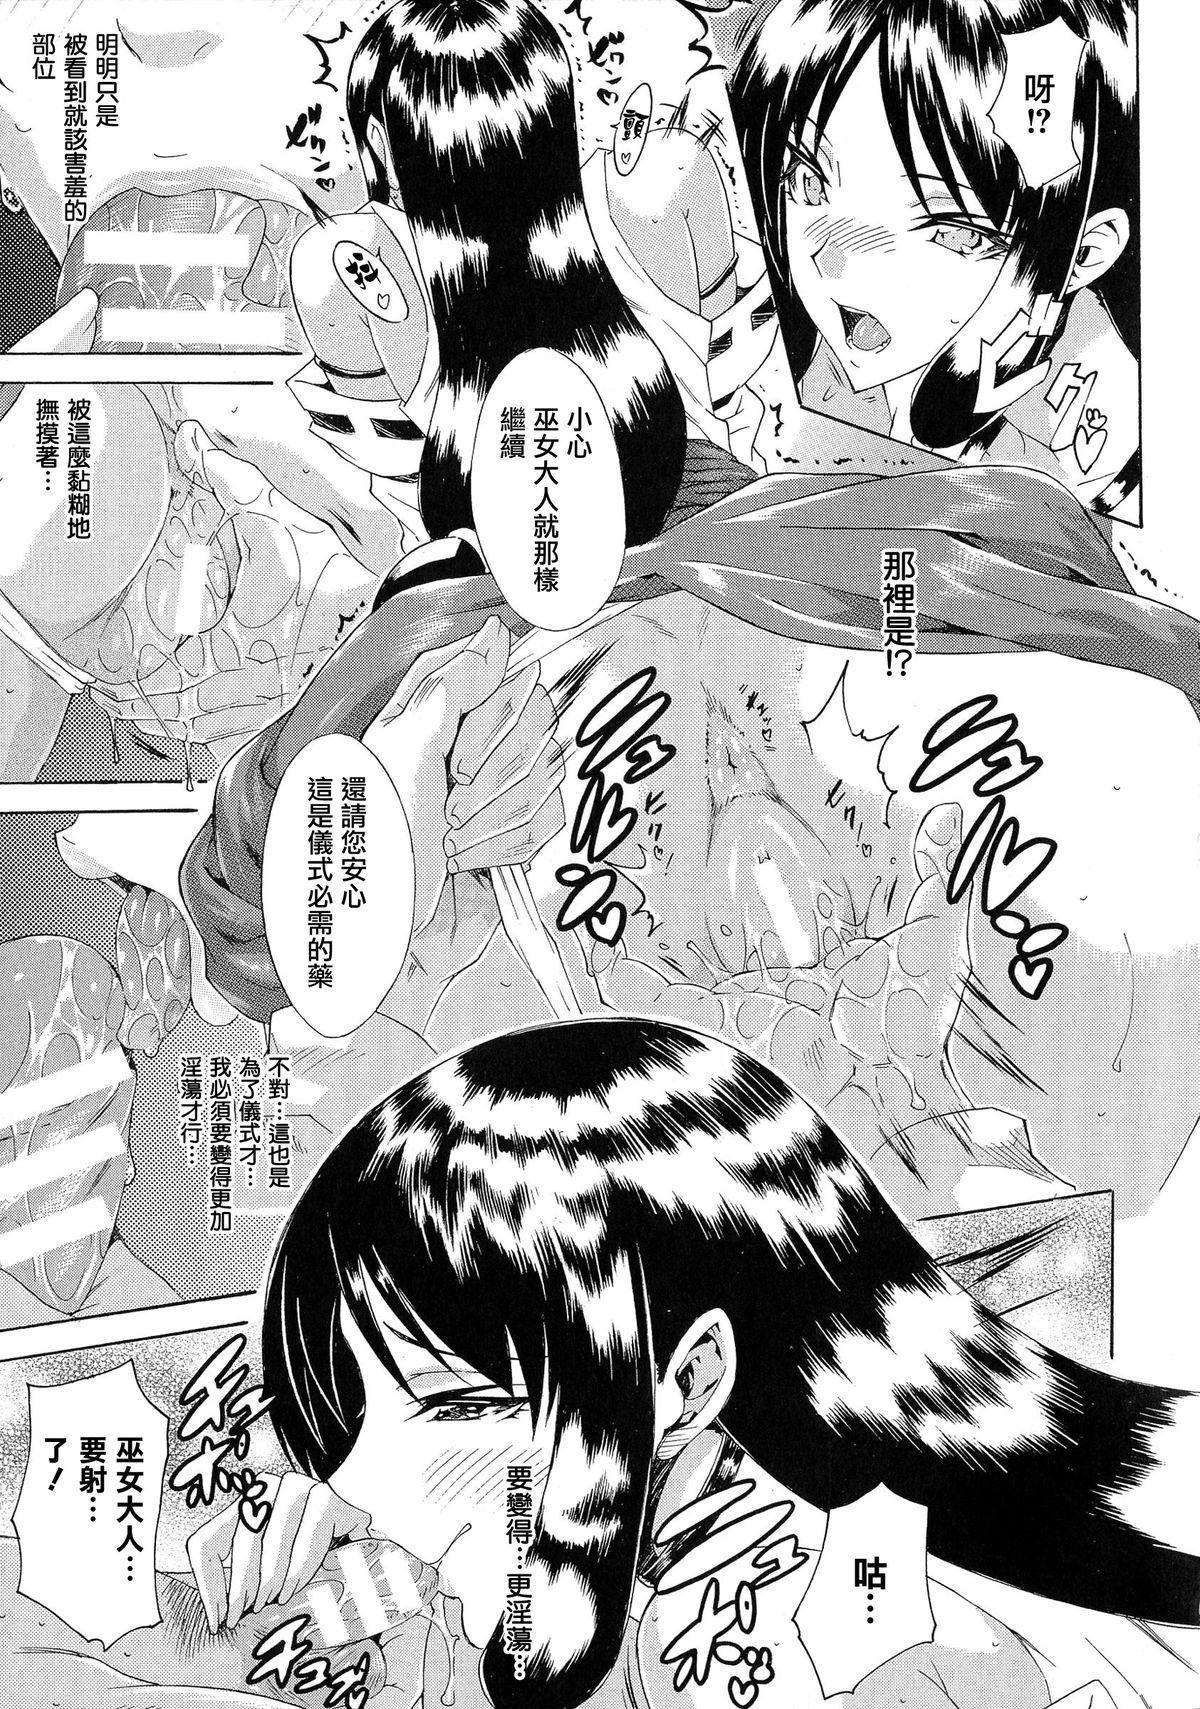 Kachiki na Onna ga Buzama na Ahegao o Sarasu Made 129